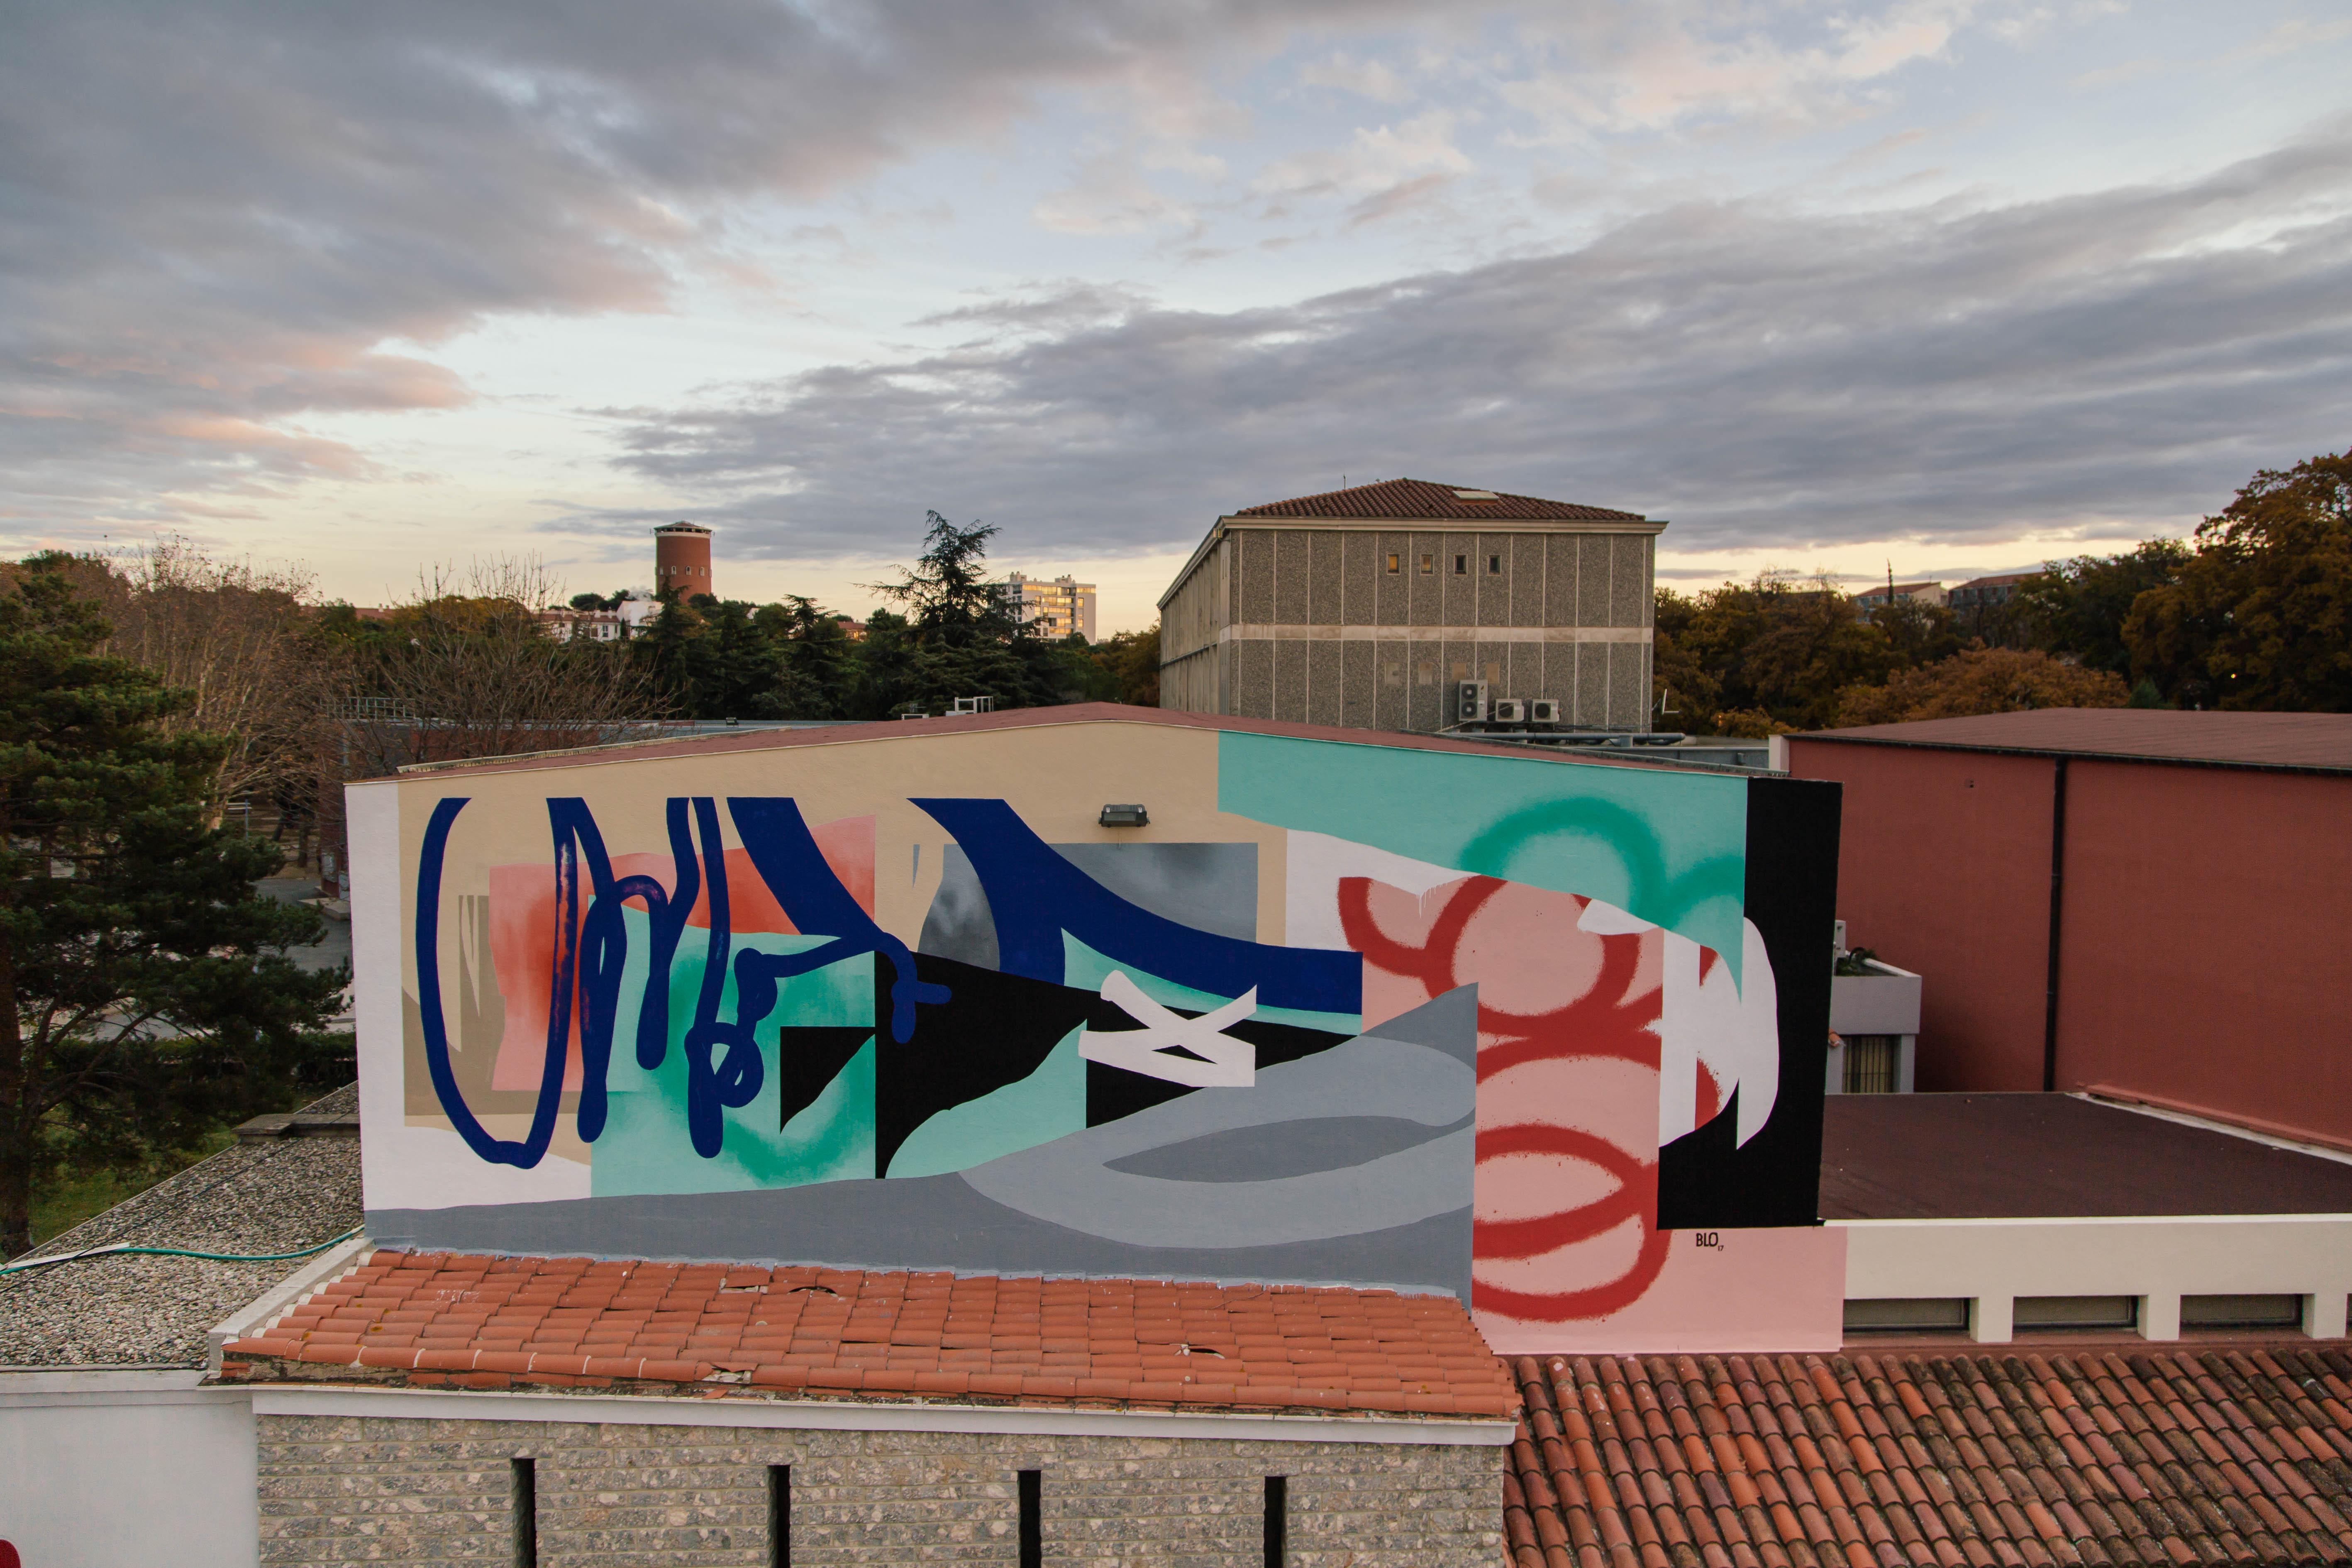 Blo new mural in Perpignan, France Artes & contextos D 083A1663